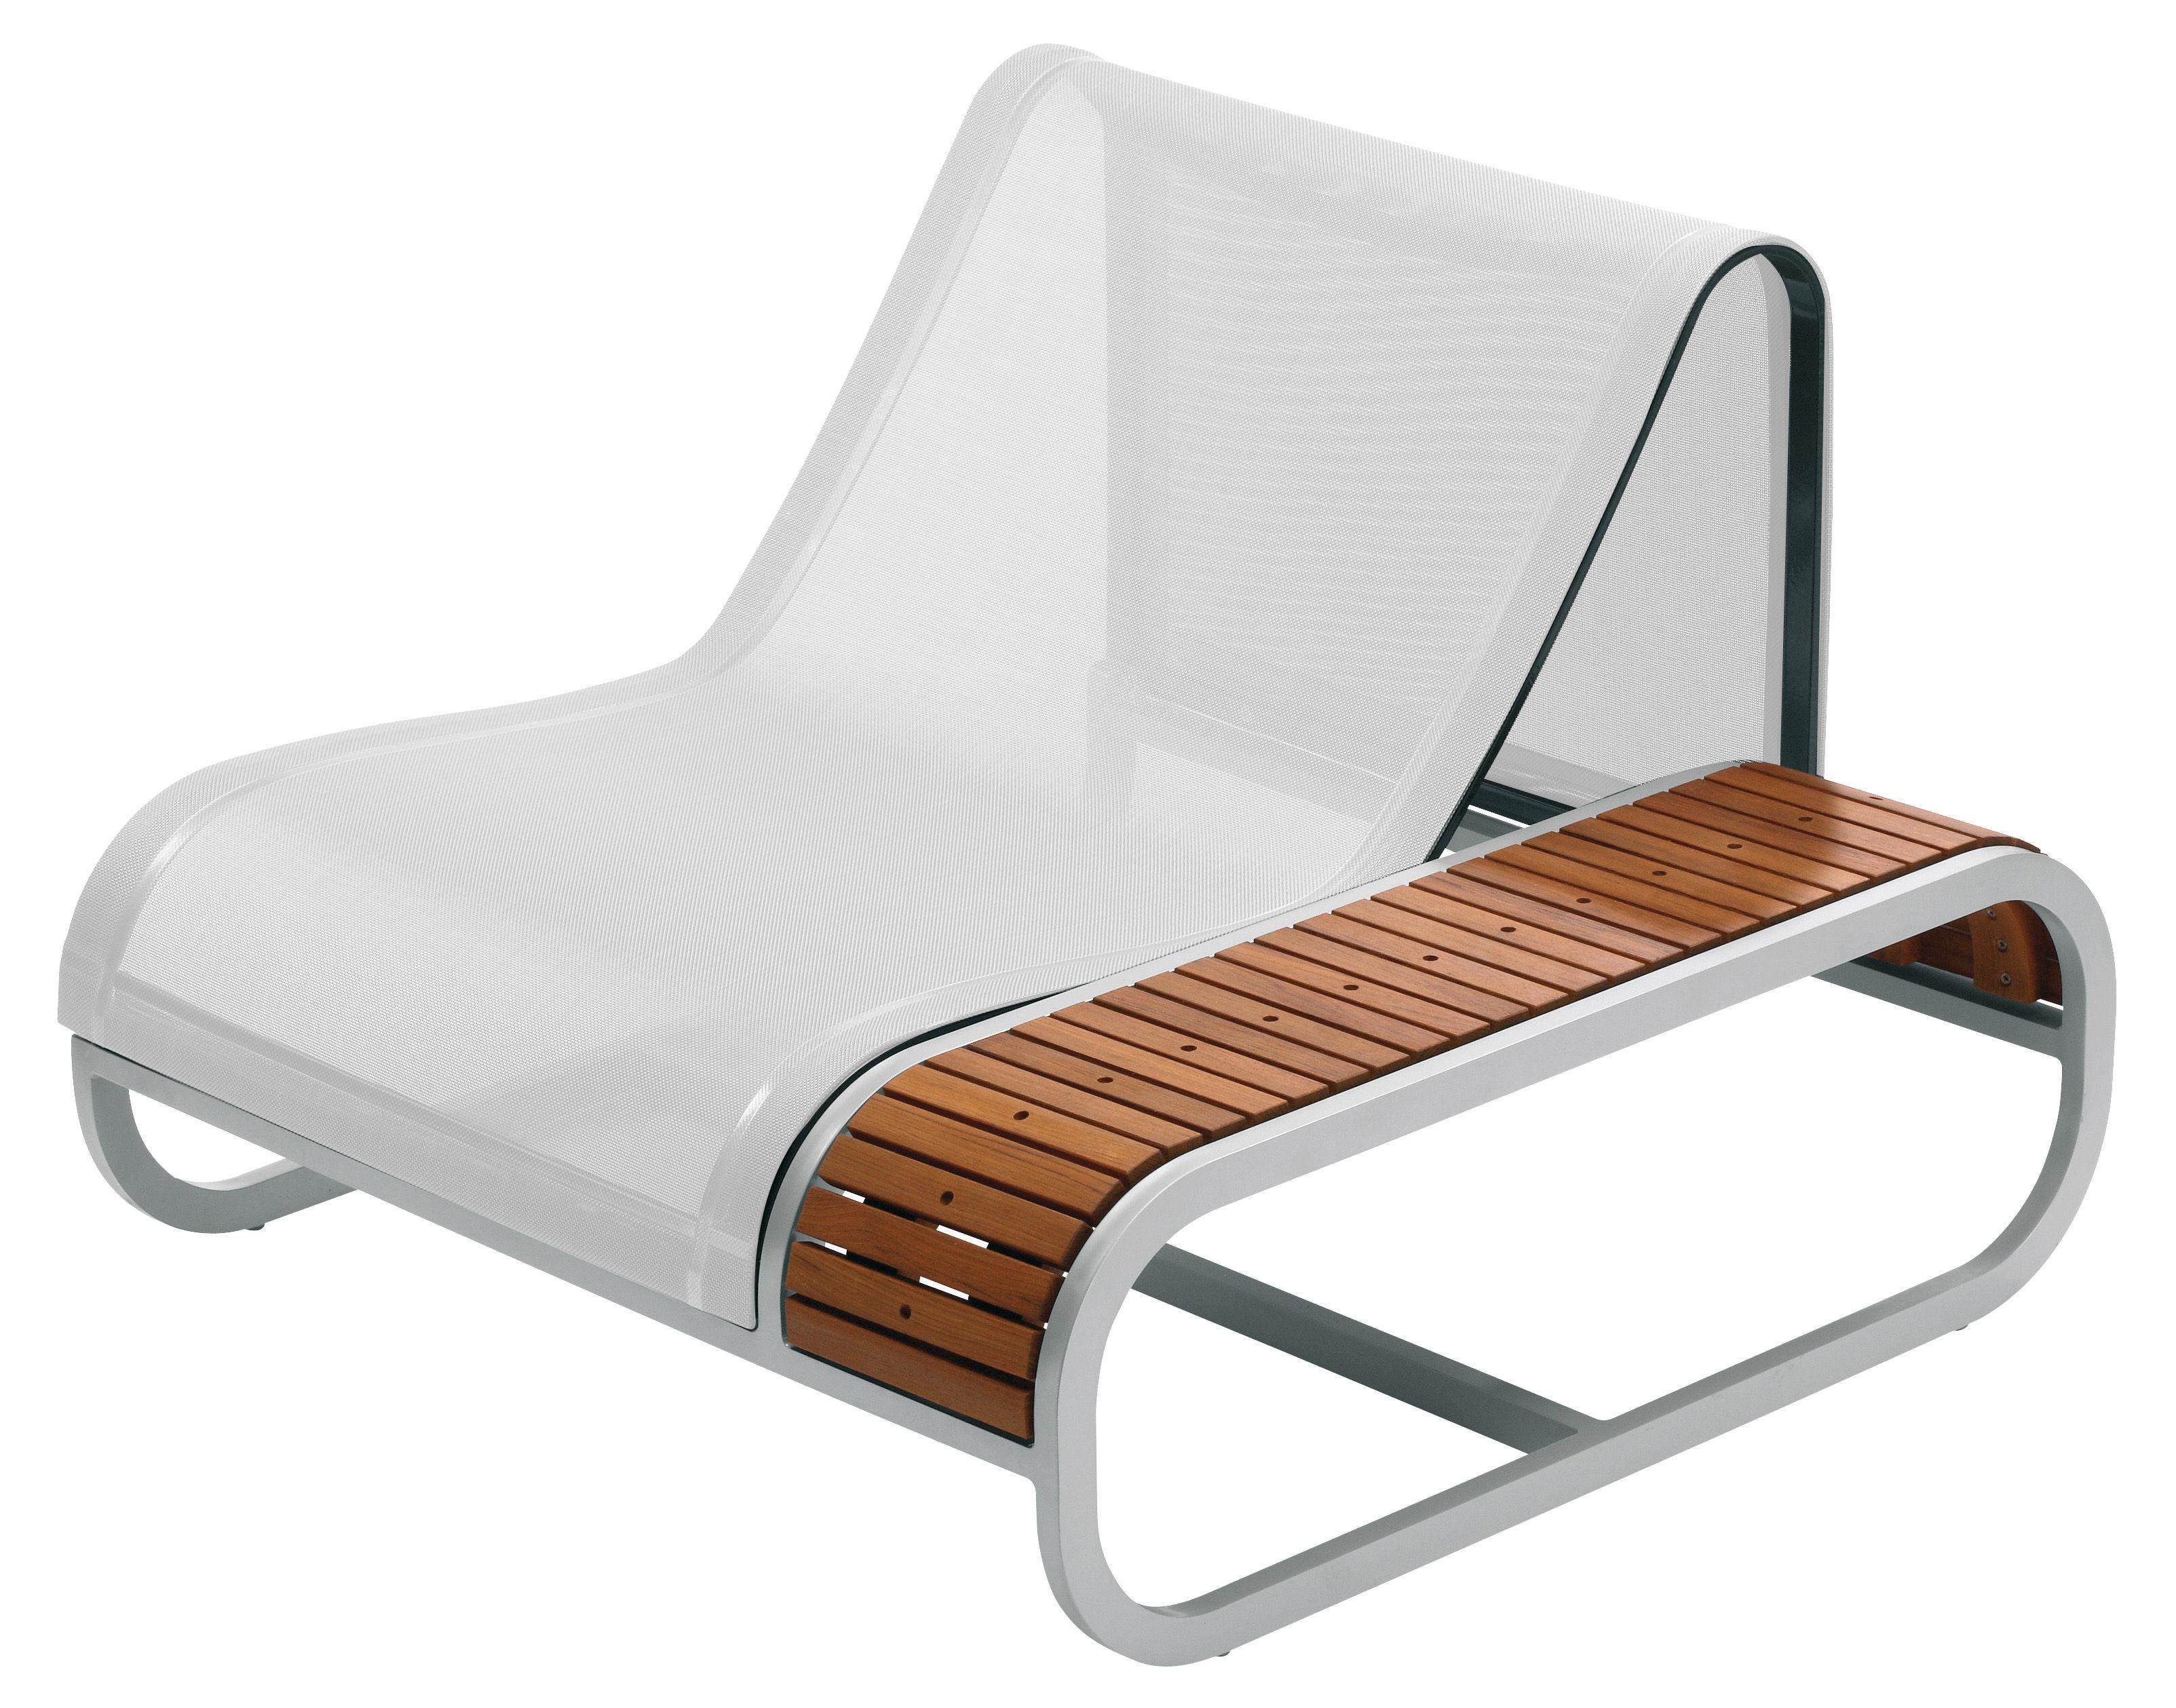 Outdoor - Gartensessel - Tandem Sessel Teak-Ausführung - Armlehne links - EGO Paris - Teak / Bezug weiß - Batyline® Bespannung, lackiertes Aluminium, Teakholz